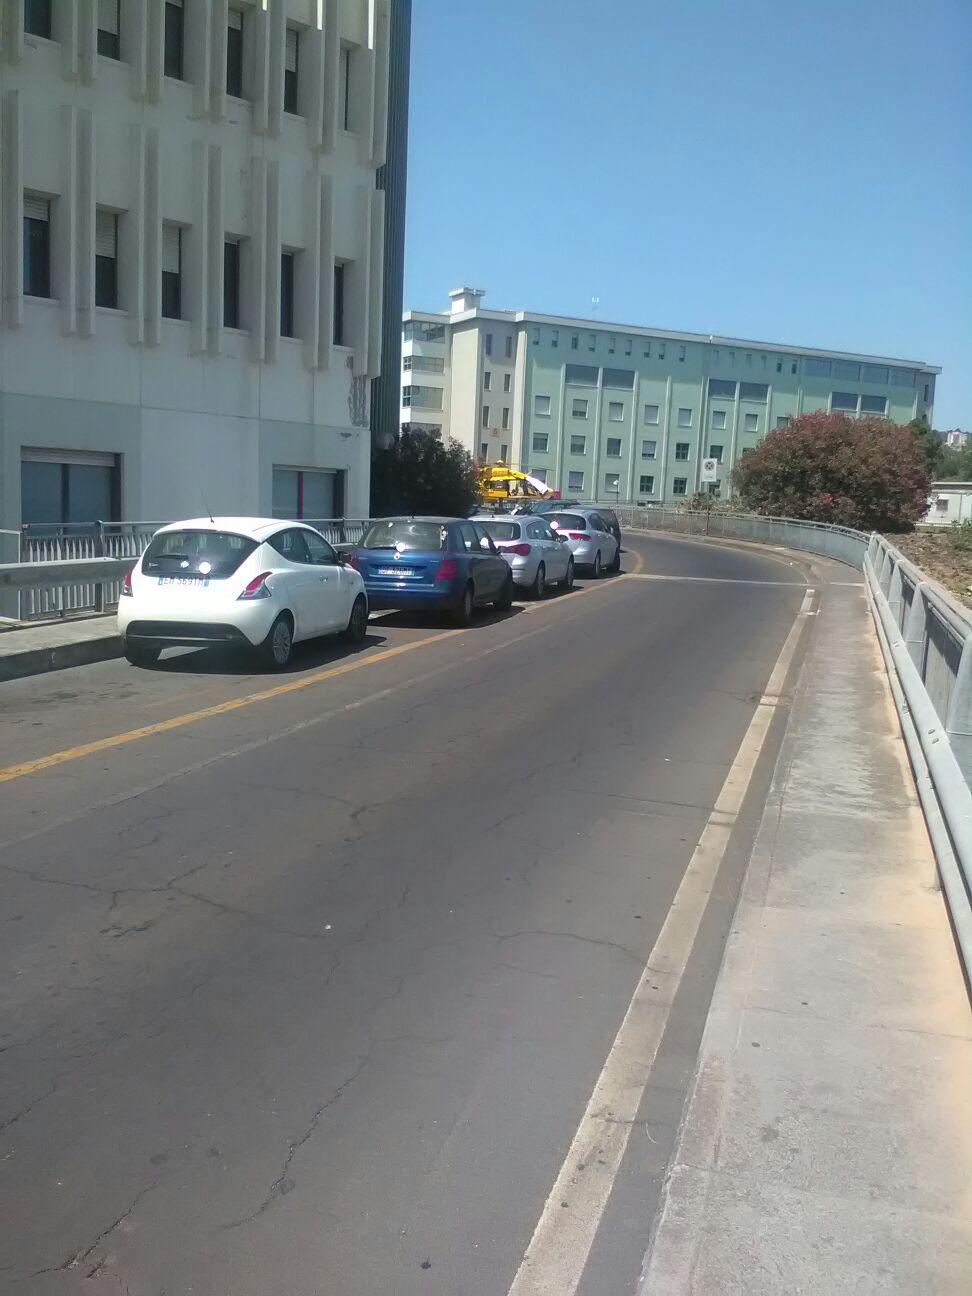 La corsia d'emergenza dell'Ospedale Cannizzaro riservata all'elisoccorso e perennemente ostruita dalle auto parcheggiate